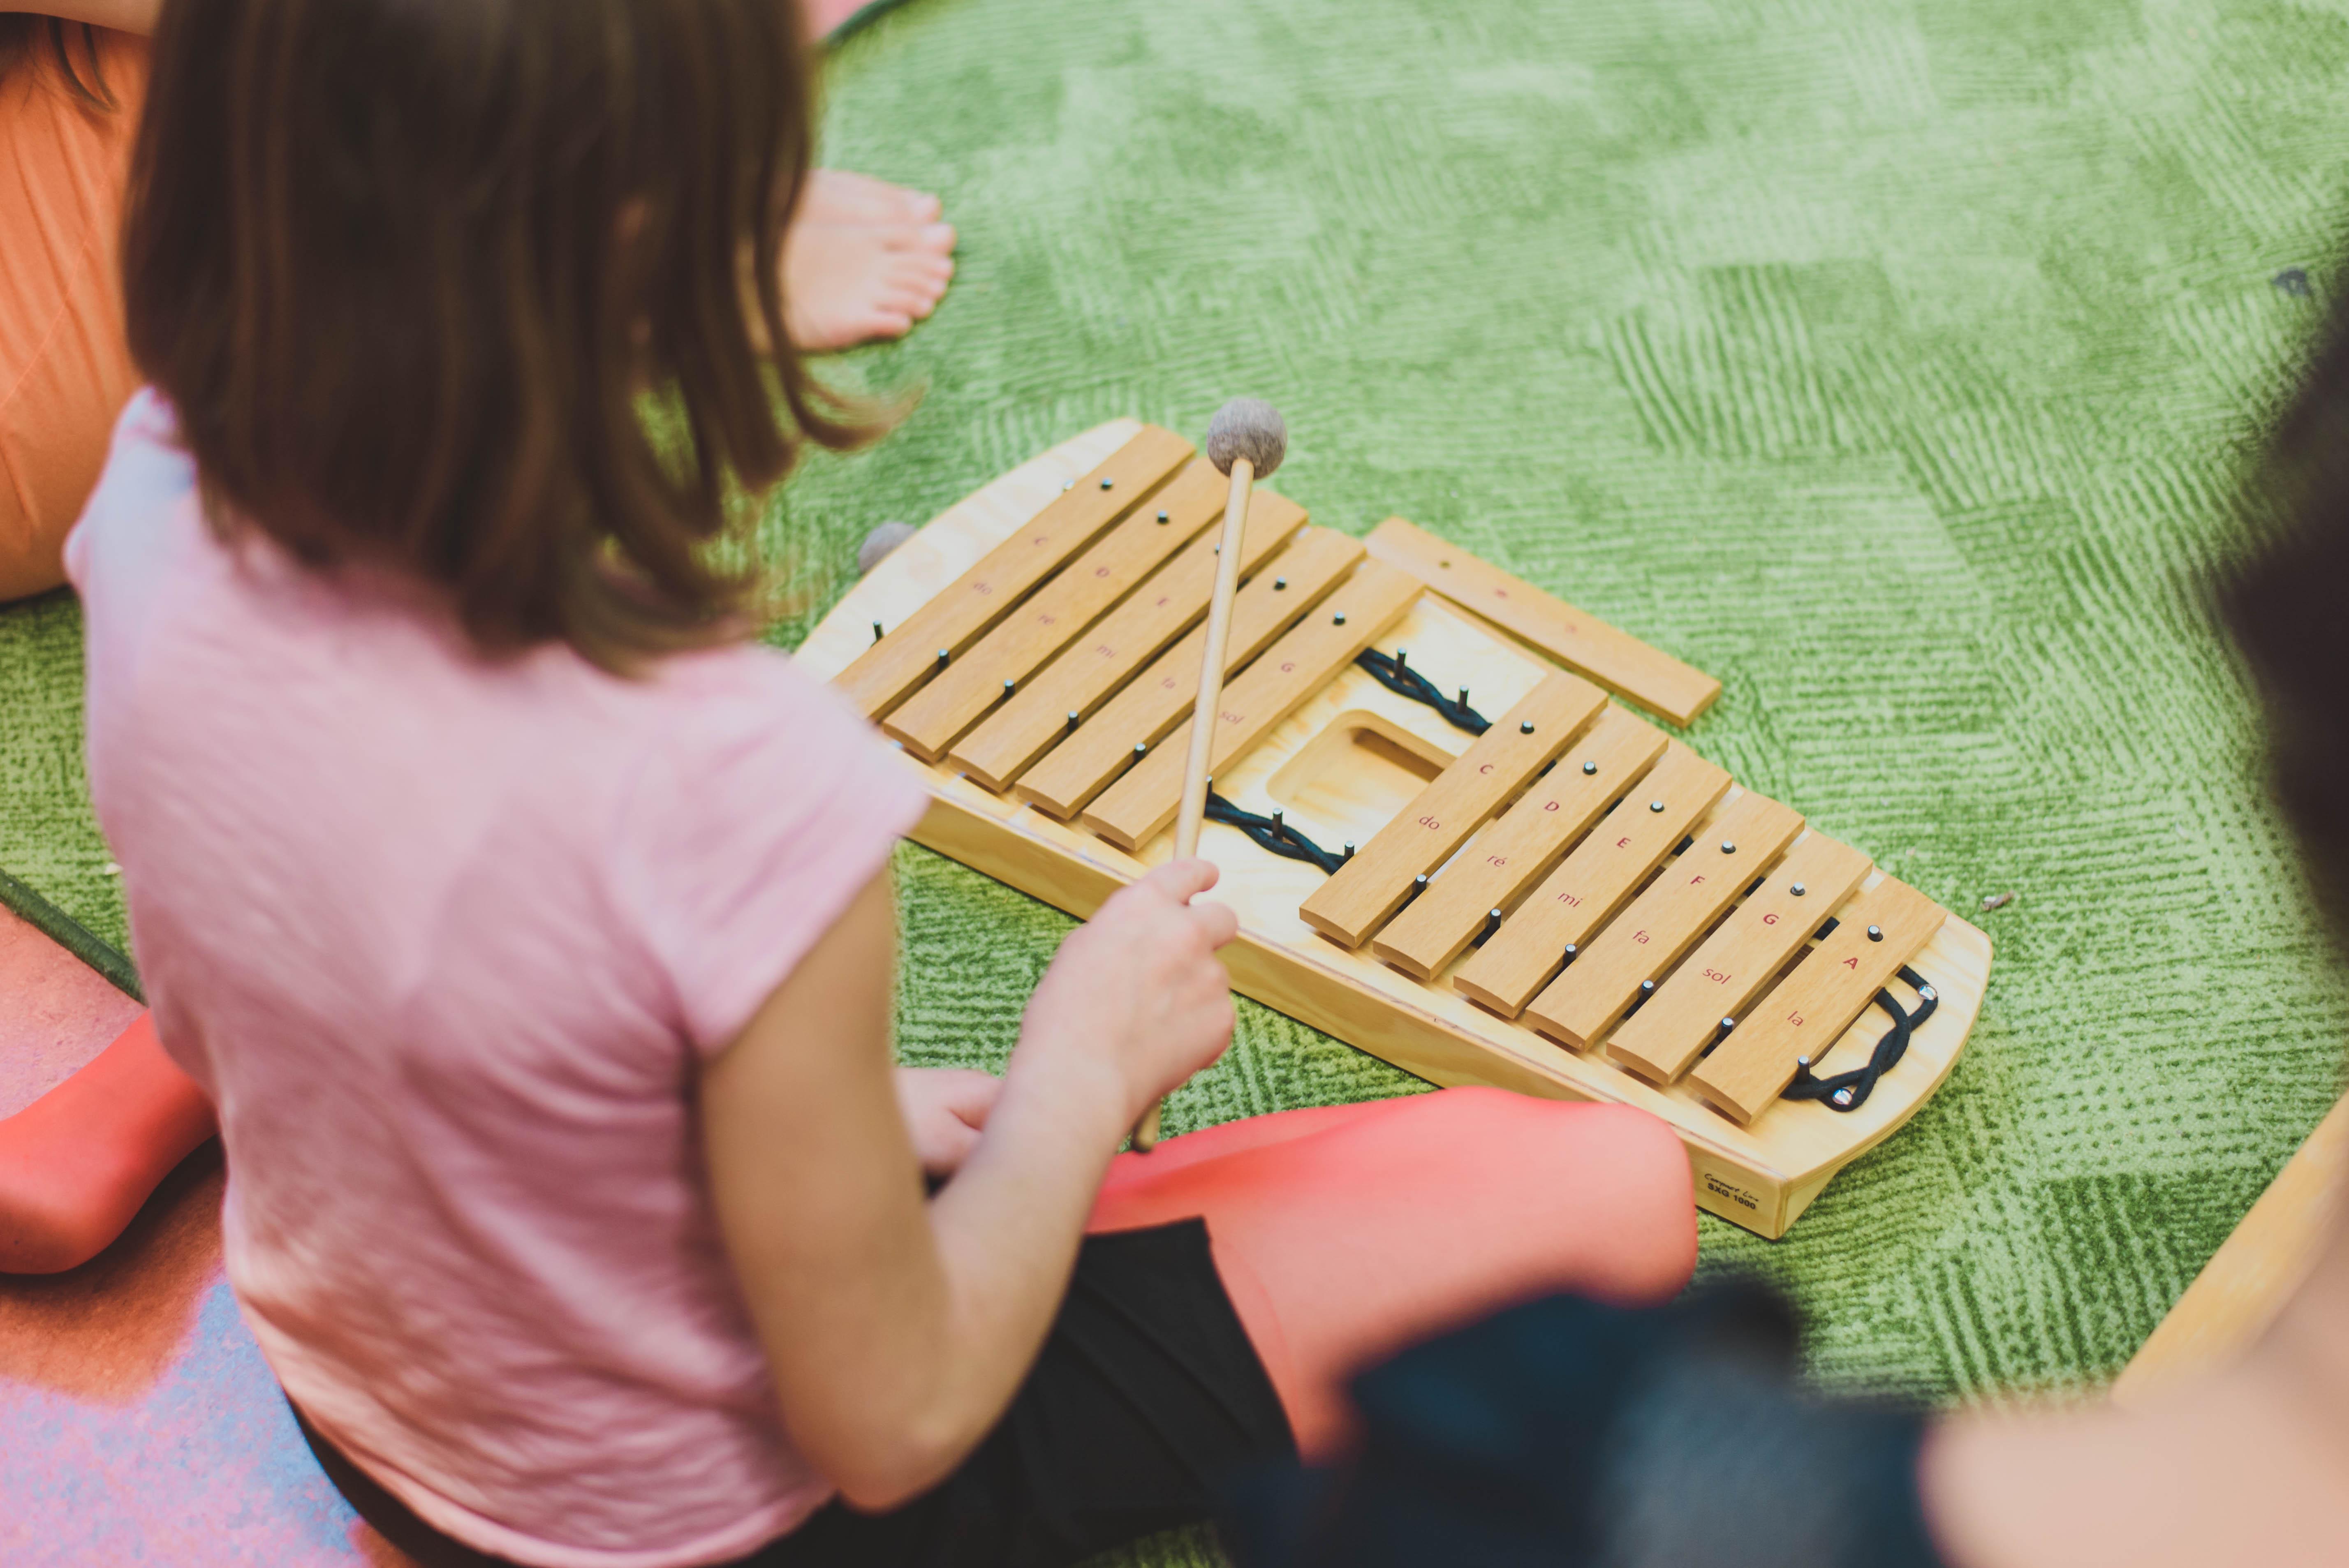 Orffovy hudební nástroje a jejich přínos pro školy: Kvalita, dlouhověkost a spektrum možností